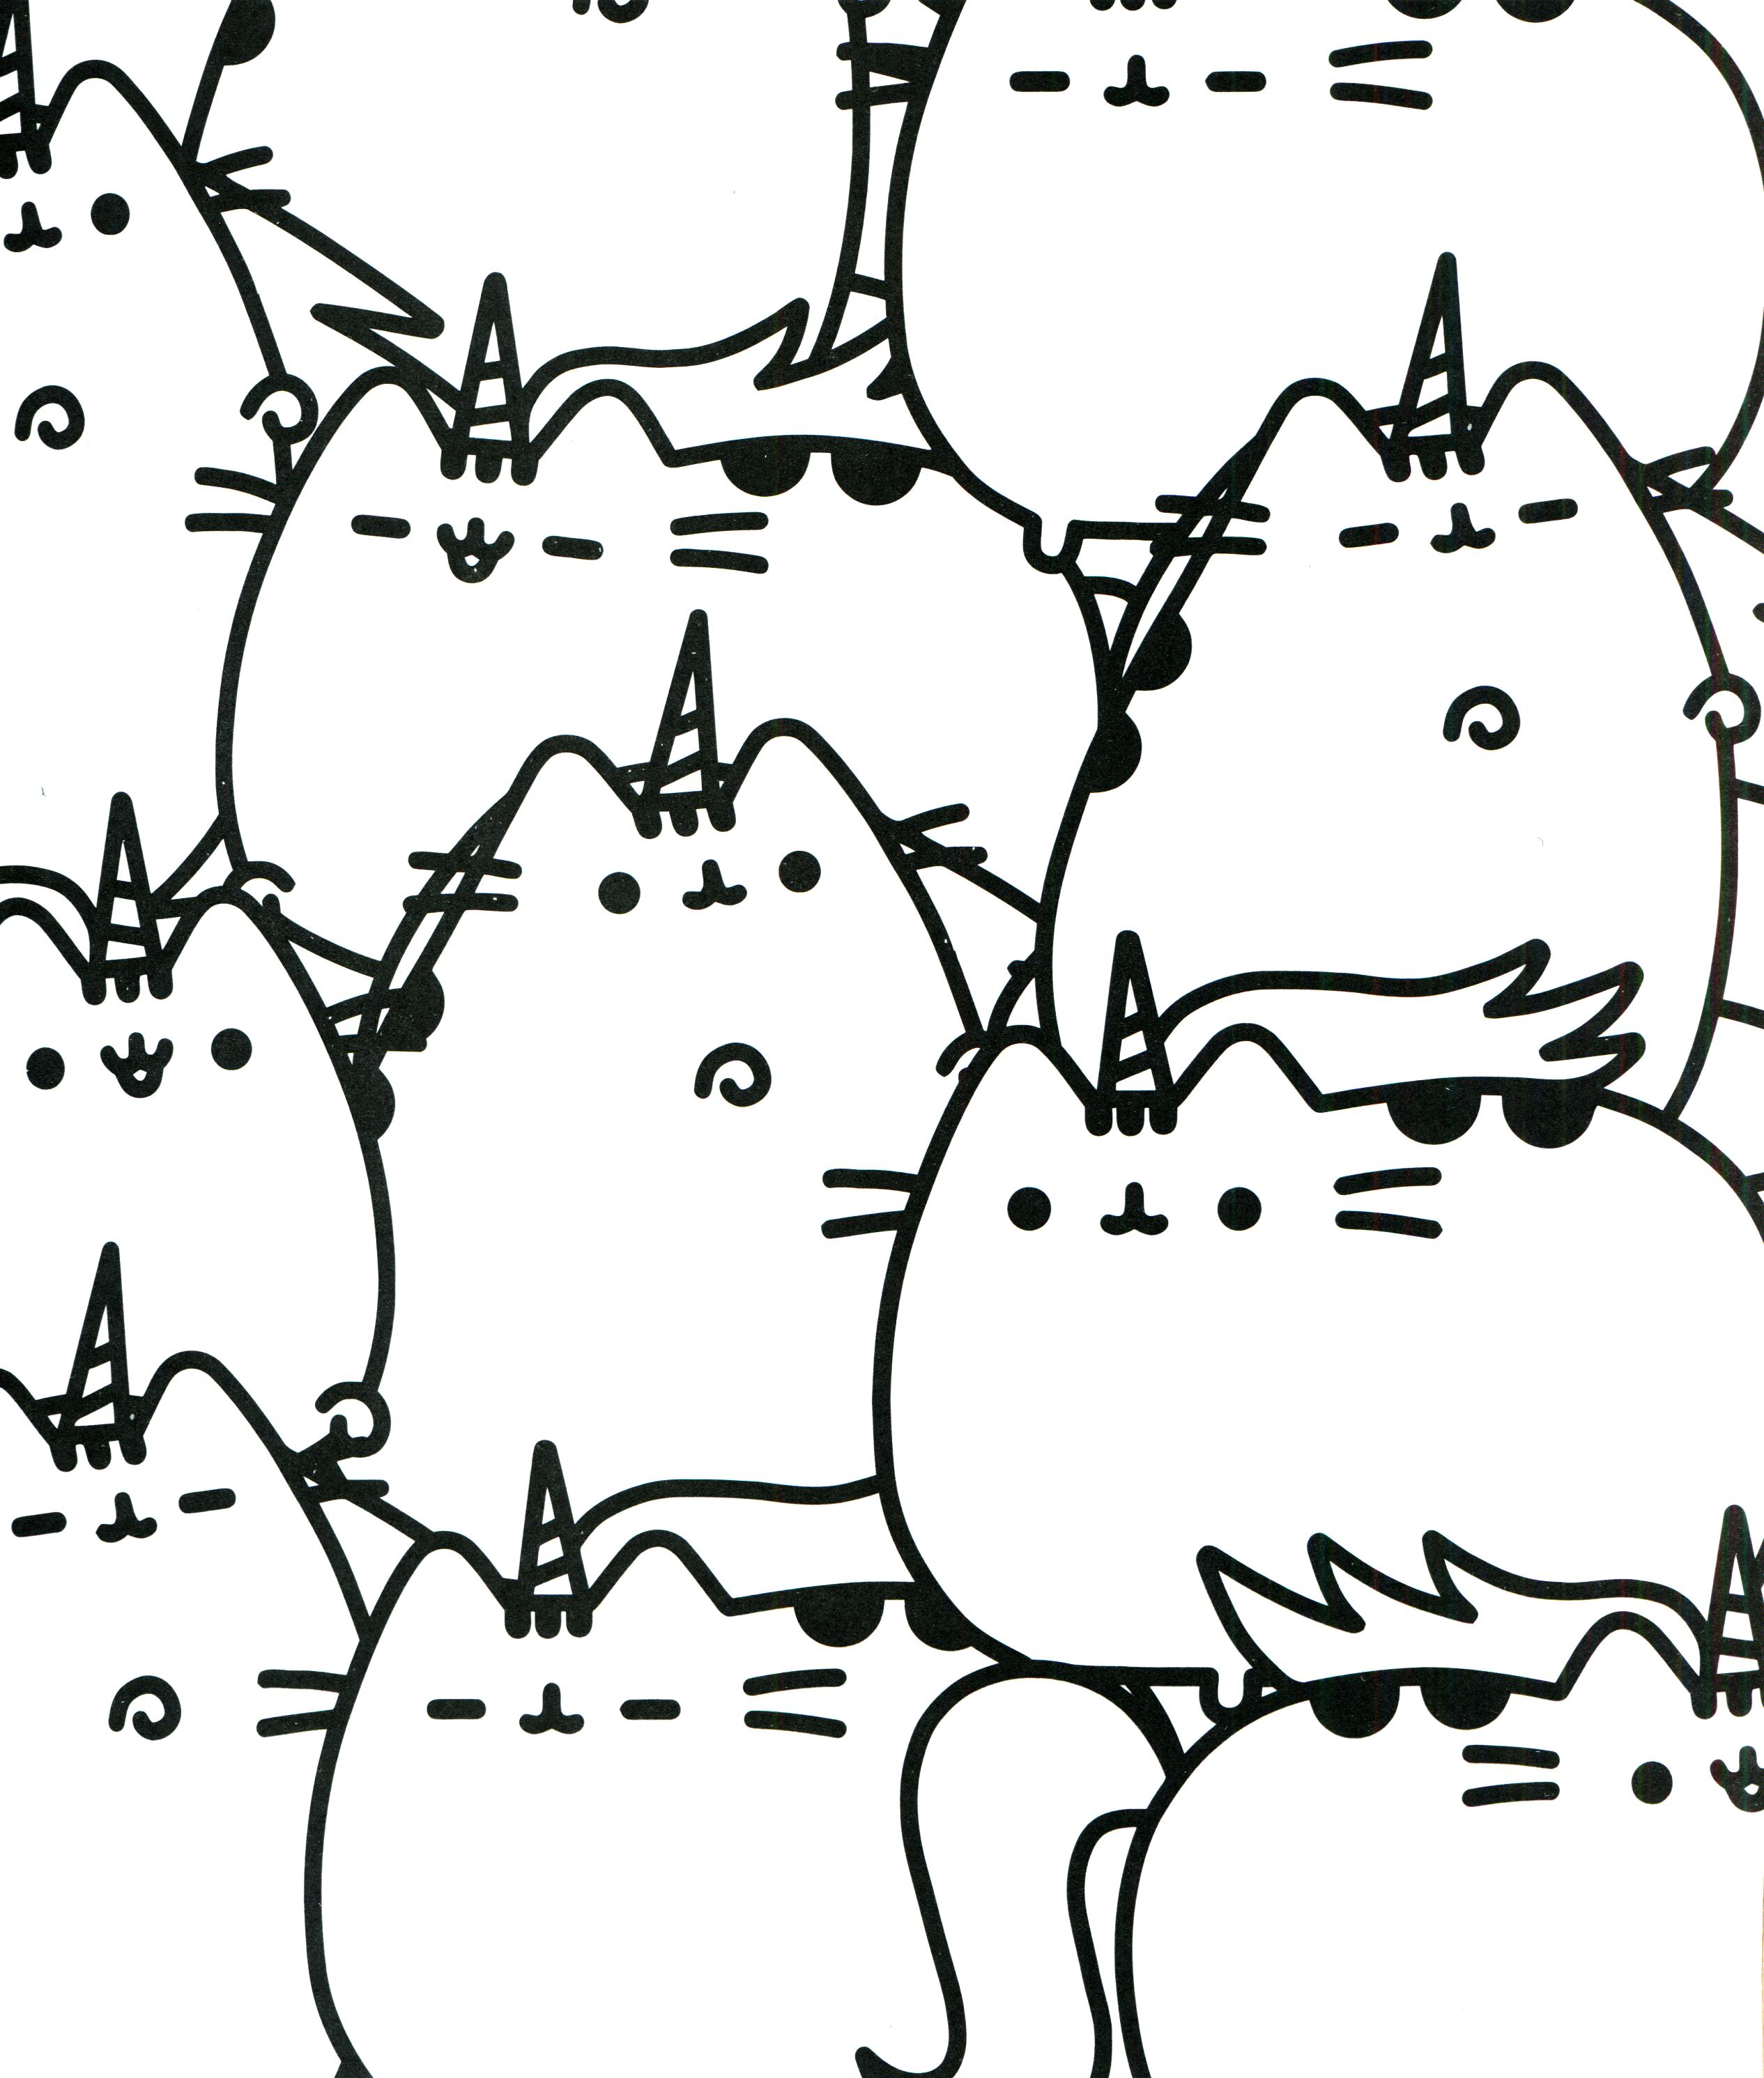 Pusheen Coloring Book Pusheen Pusheen The Cat Pusheen